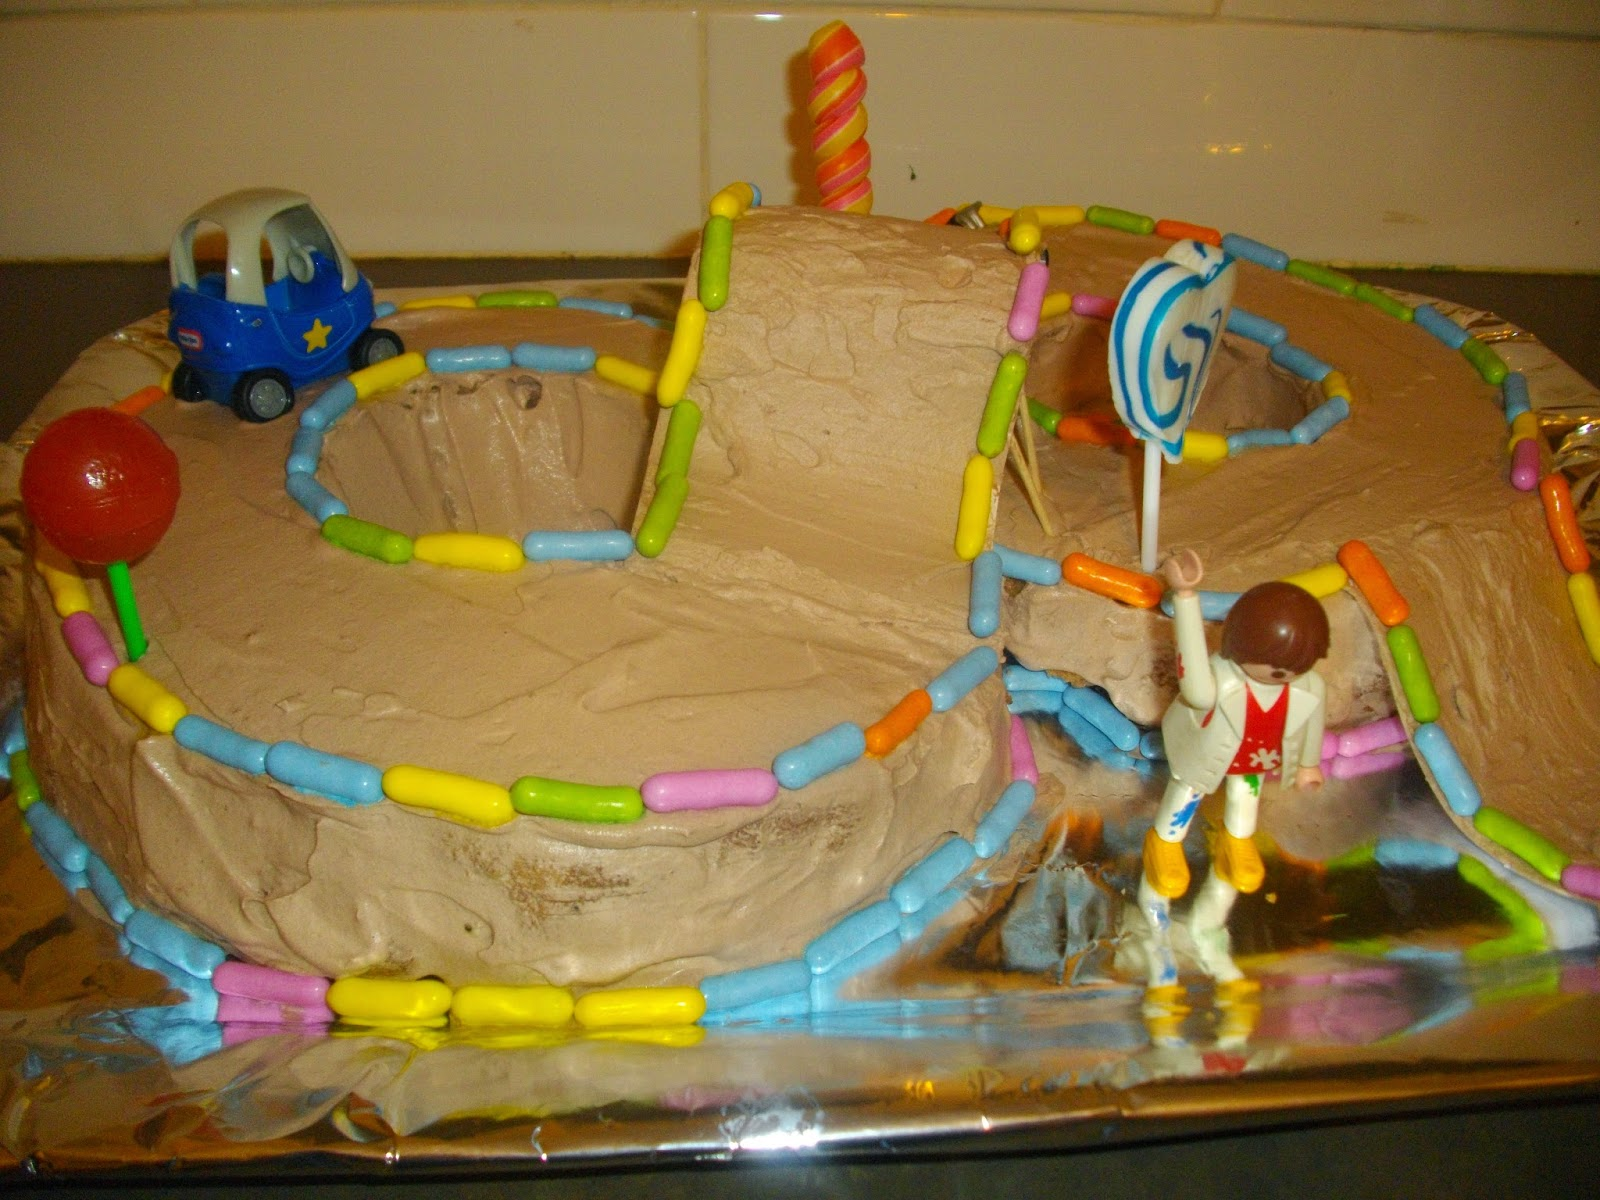 IMGP5062 - עוגת יומולדת מרוץ מכוניות